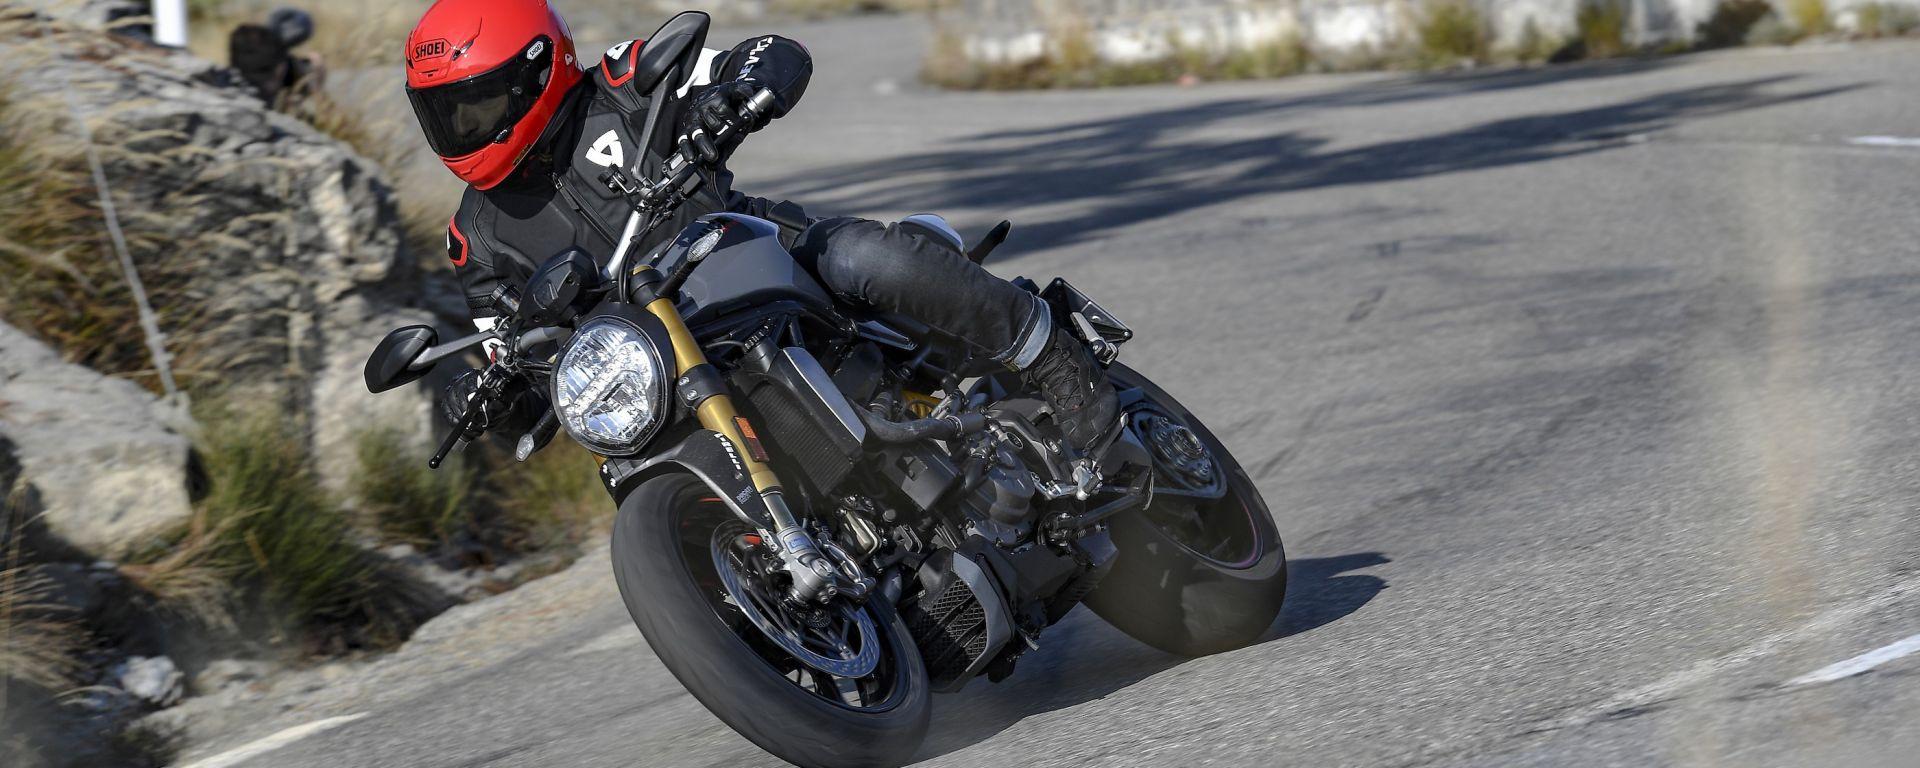 Nuova Ducati Monster 1200 S: prova, prezzi e caratteristiche. Guarda il video